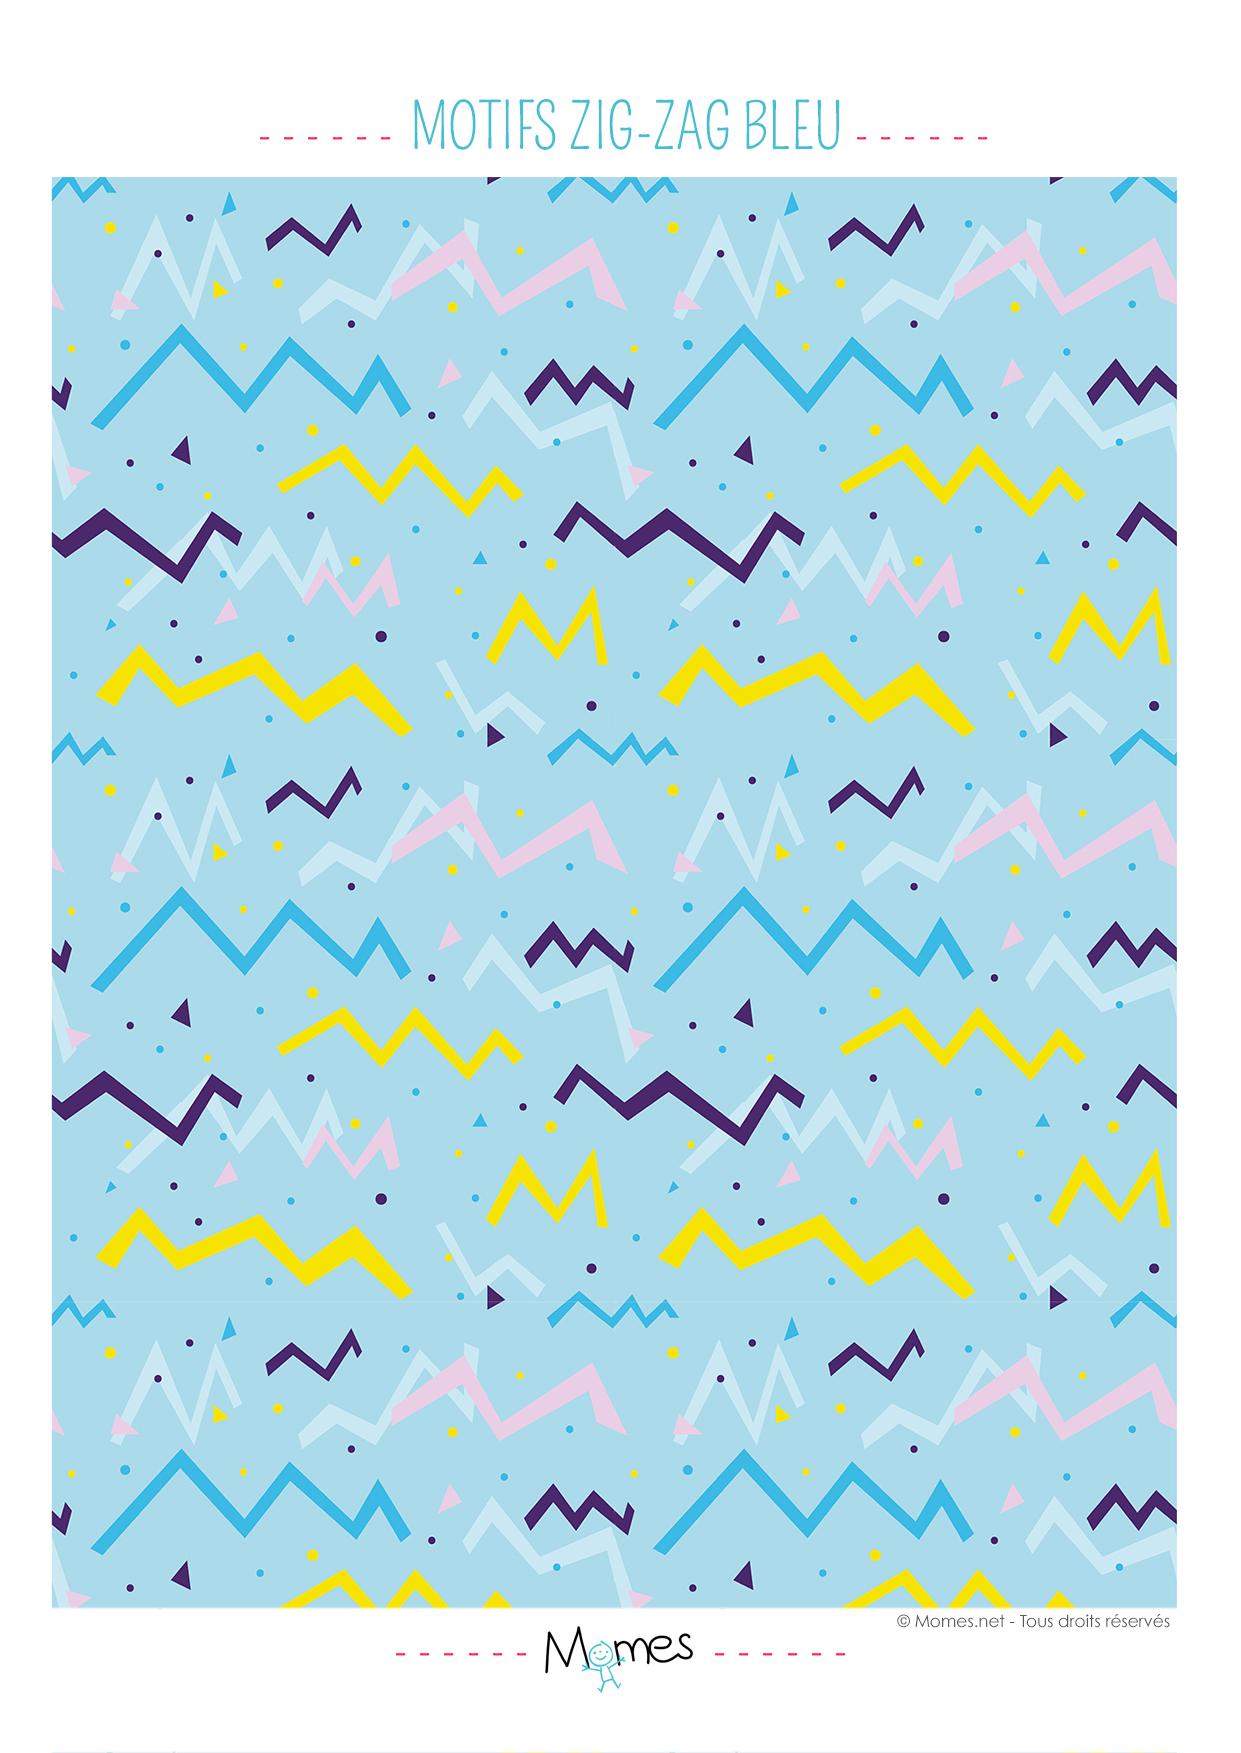 Papier motifs zig zag bleu imprimer - Motif de noel a imprimer ...